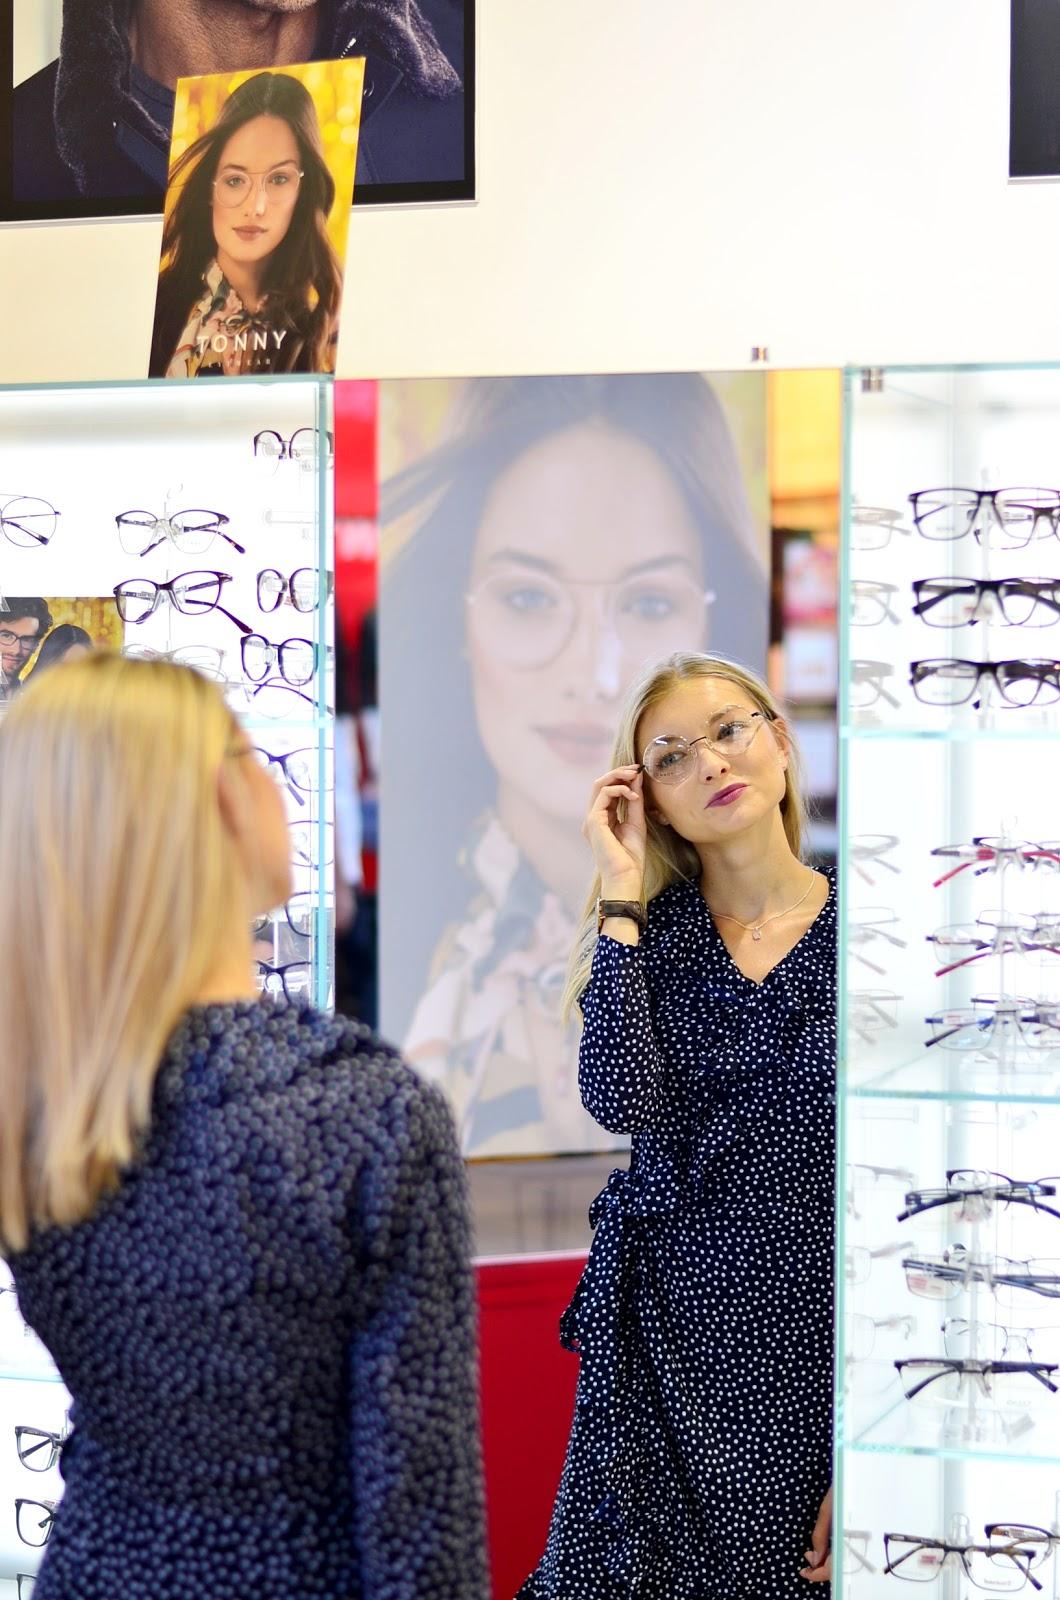 Wizyta w Studio Optyczne 44 dzień z marką Tonny Eyewear